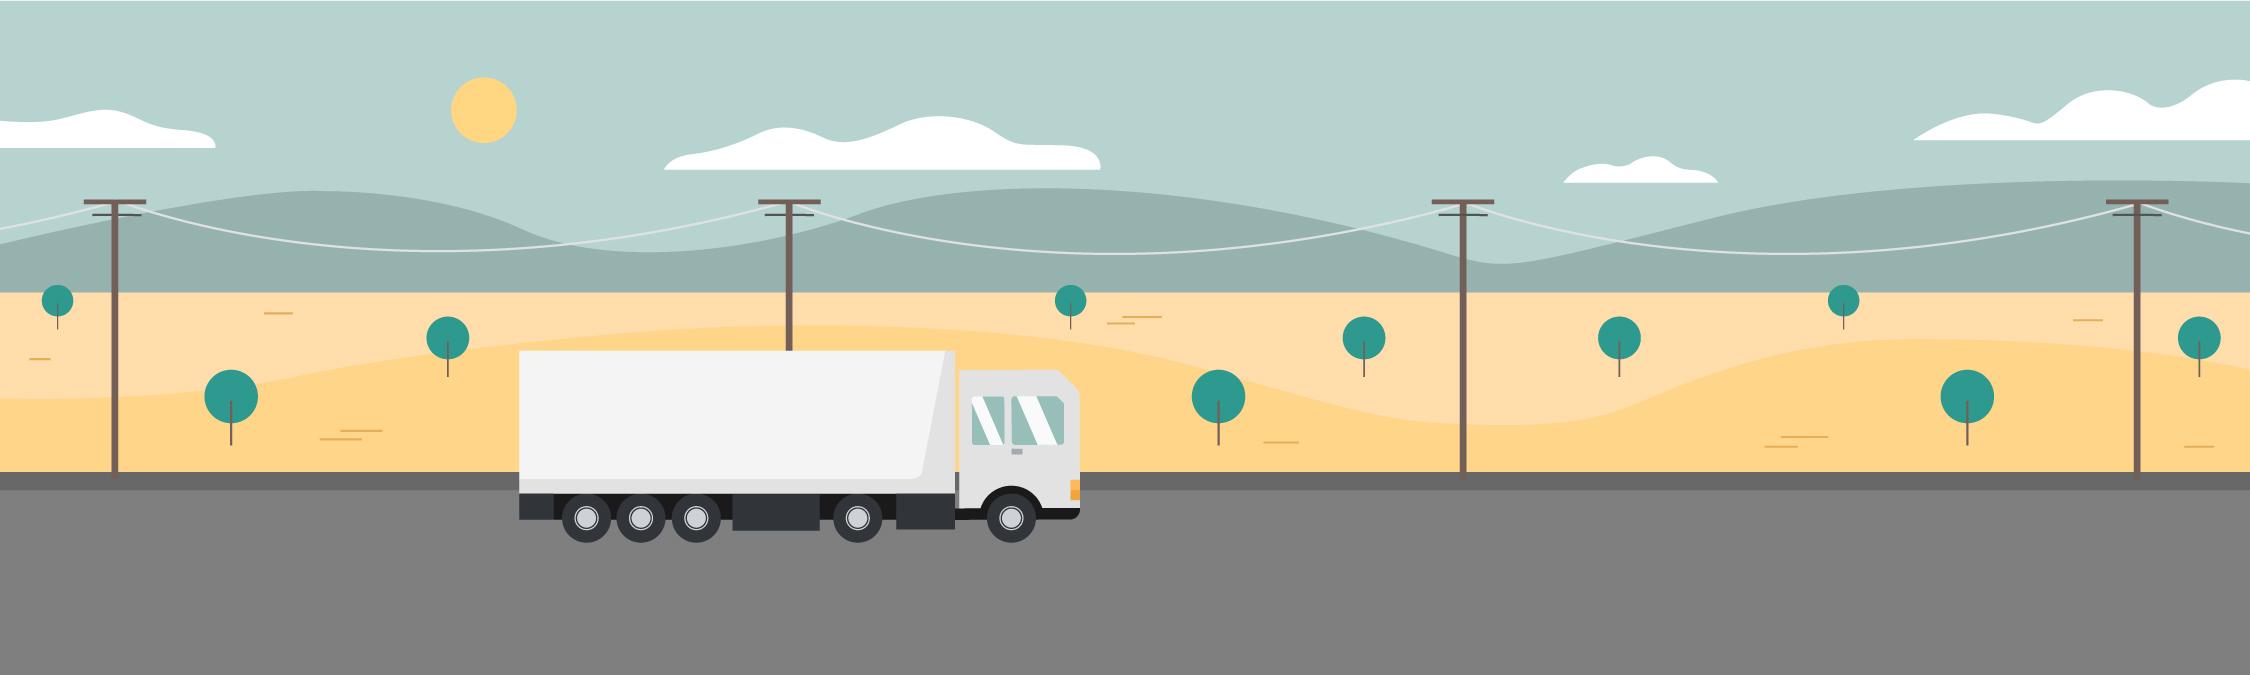 Un camión pasando por el campo de cultivo